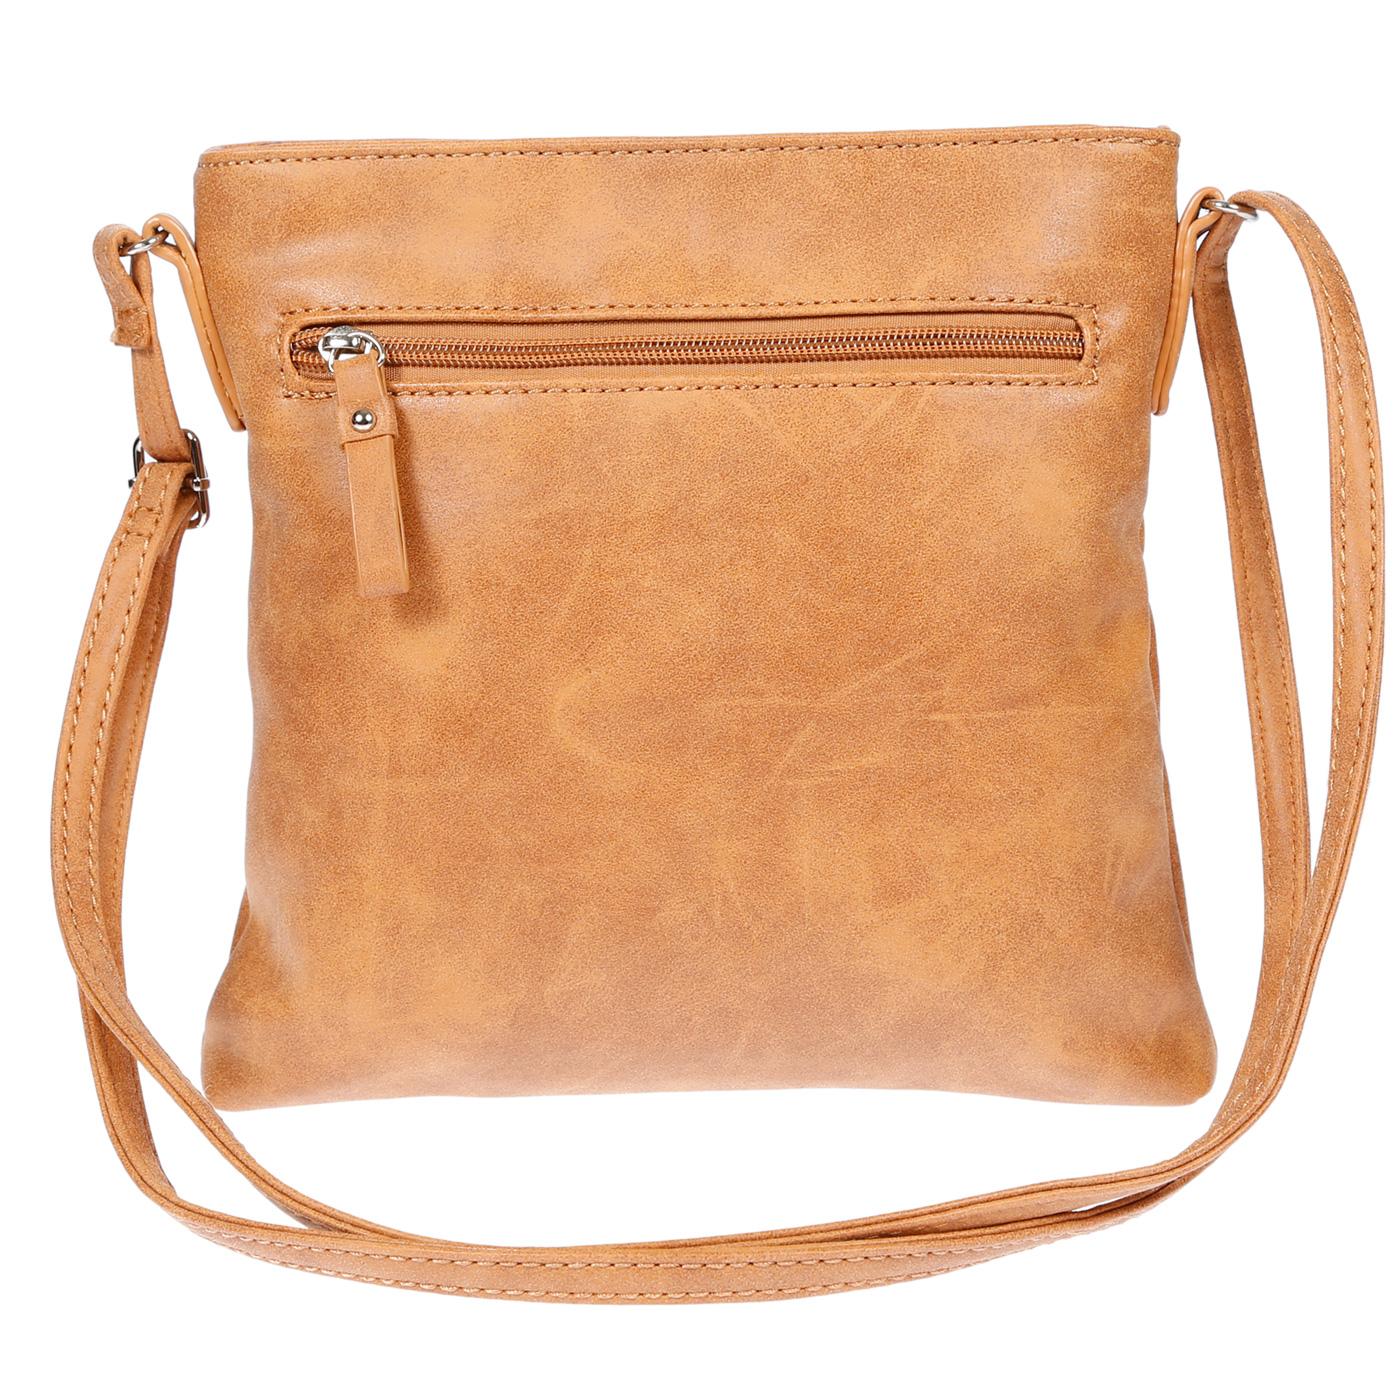 Damen-Handtasche-Umhaengetasche-Schultertasche-Tasche-Leder-Optik-Schwarz-Weiss Indexbild 33